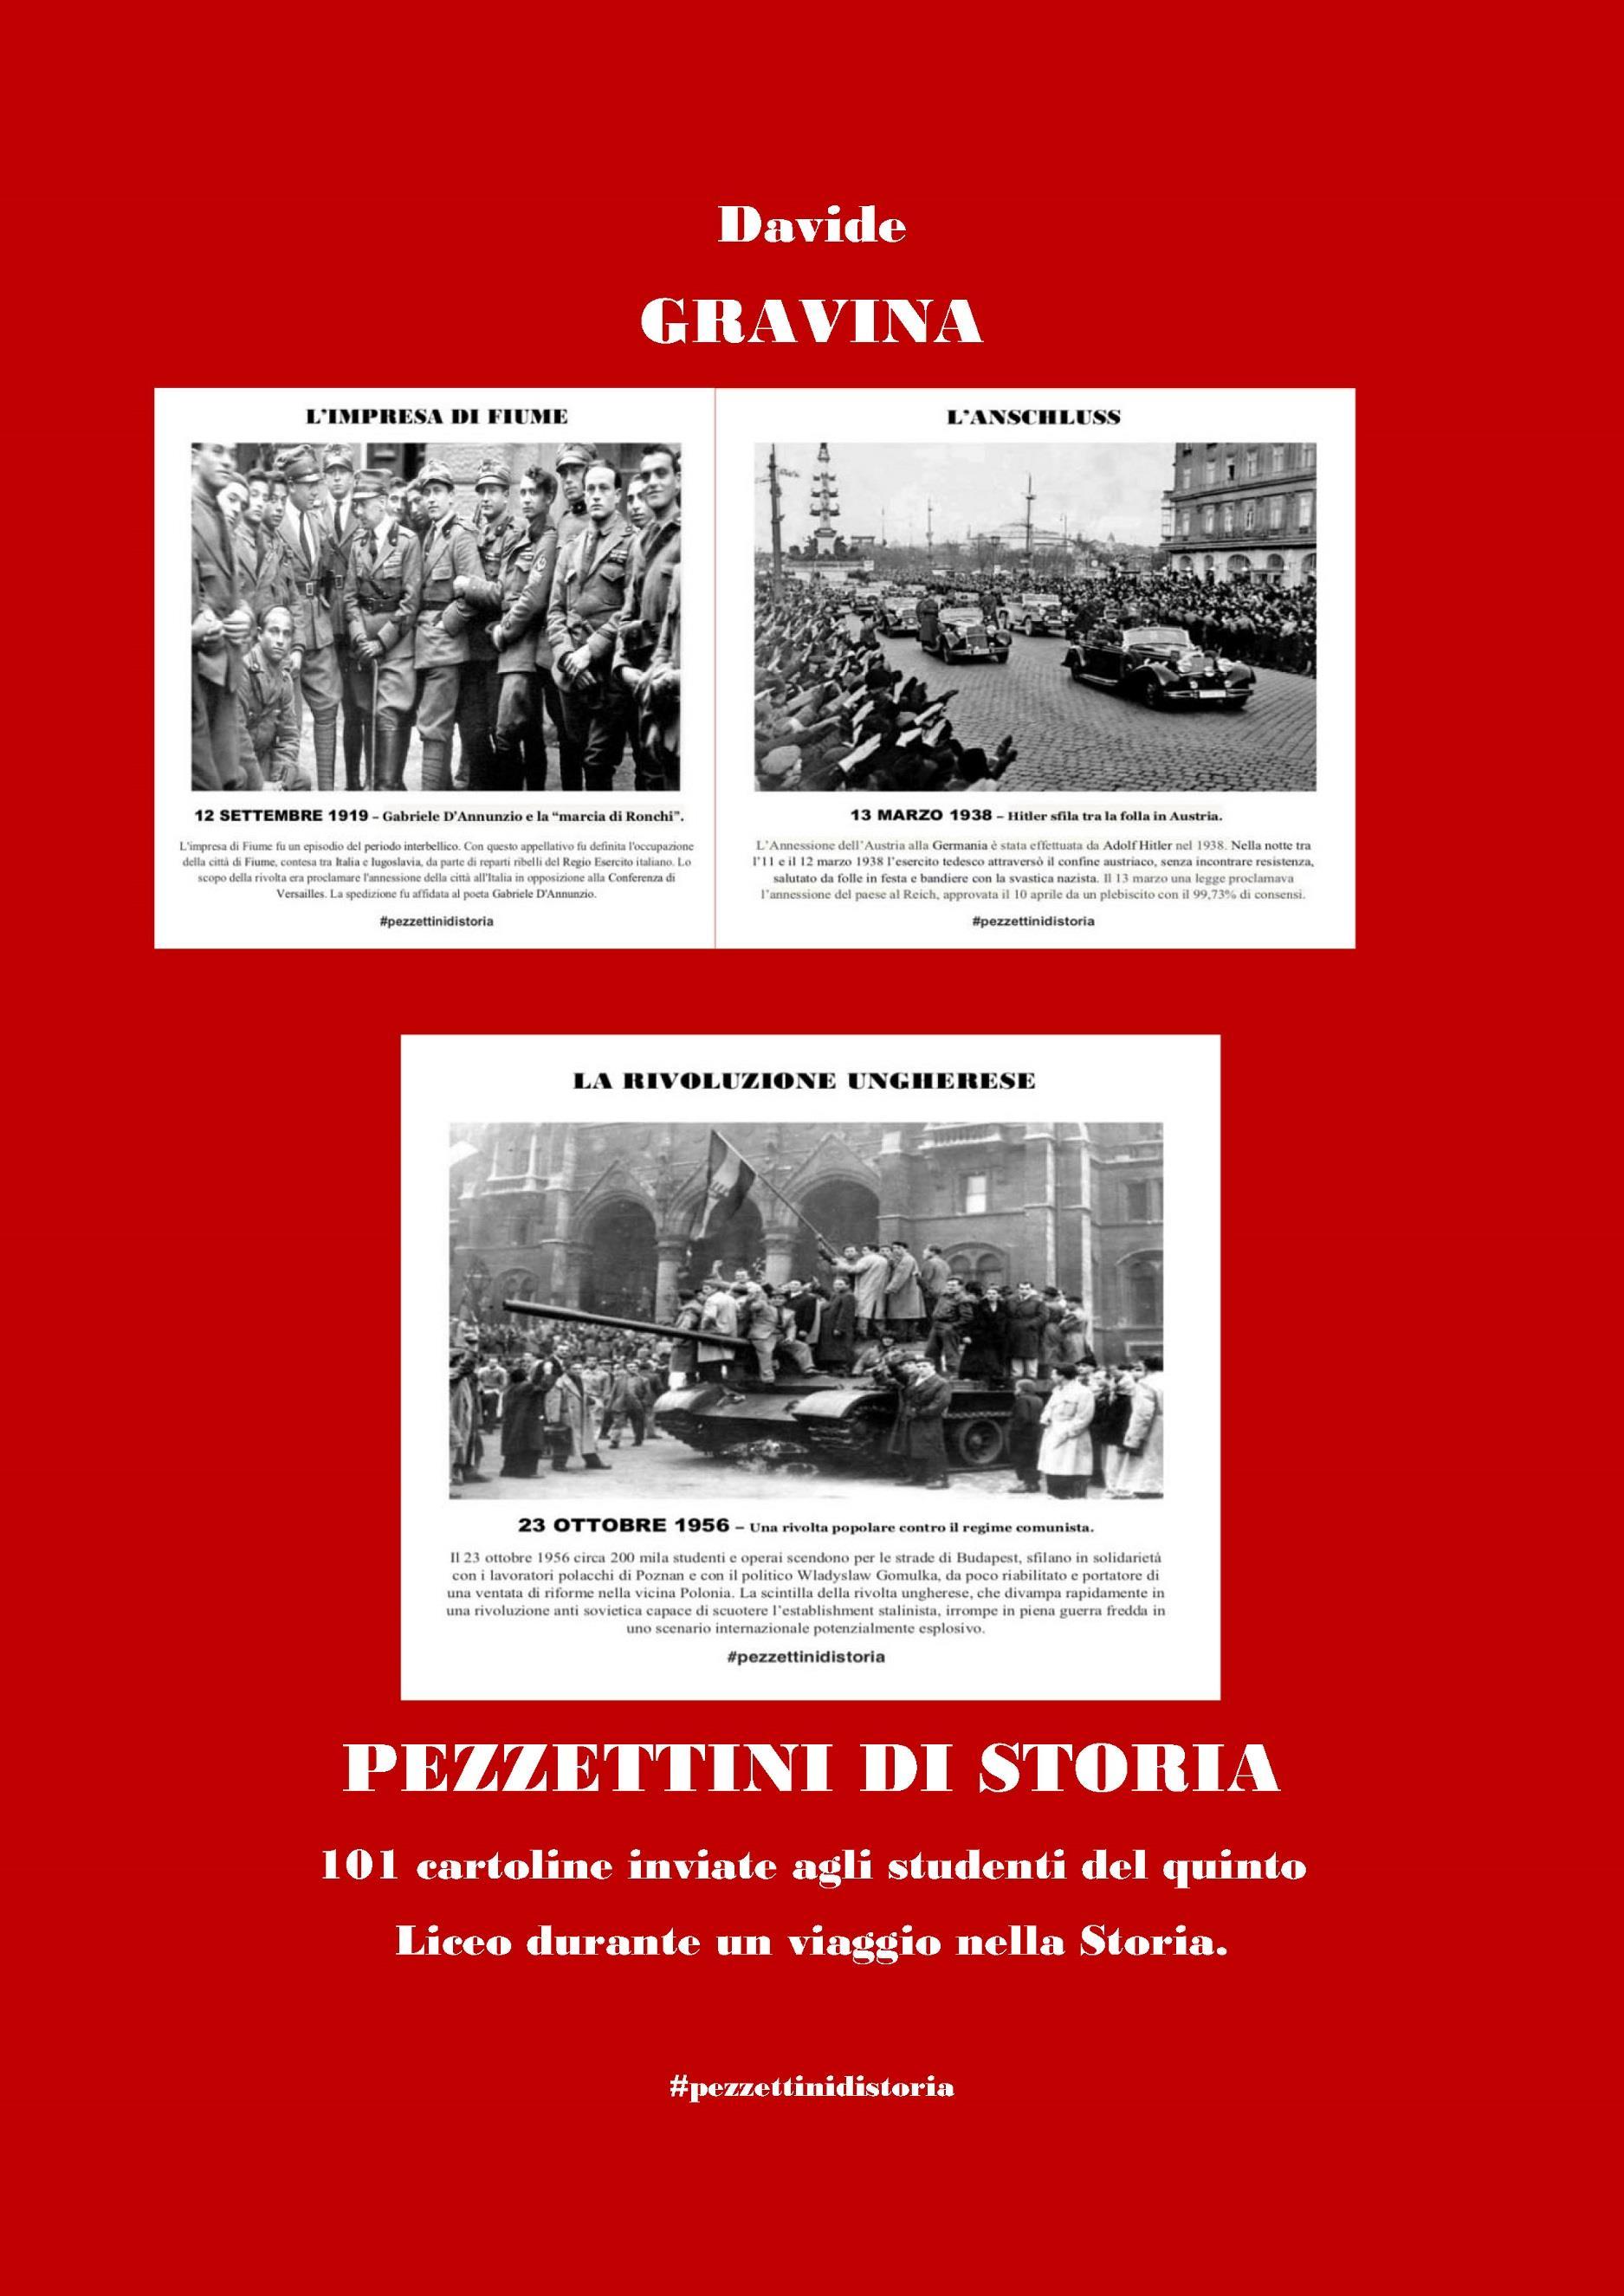 Pezzettini di storia - 101 cartoline inviate agli studenti del quinto liceo durante un viaggio nella Storia